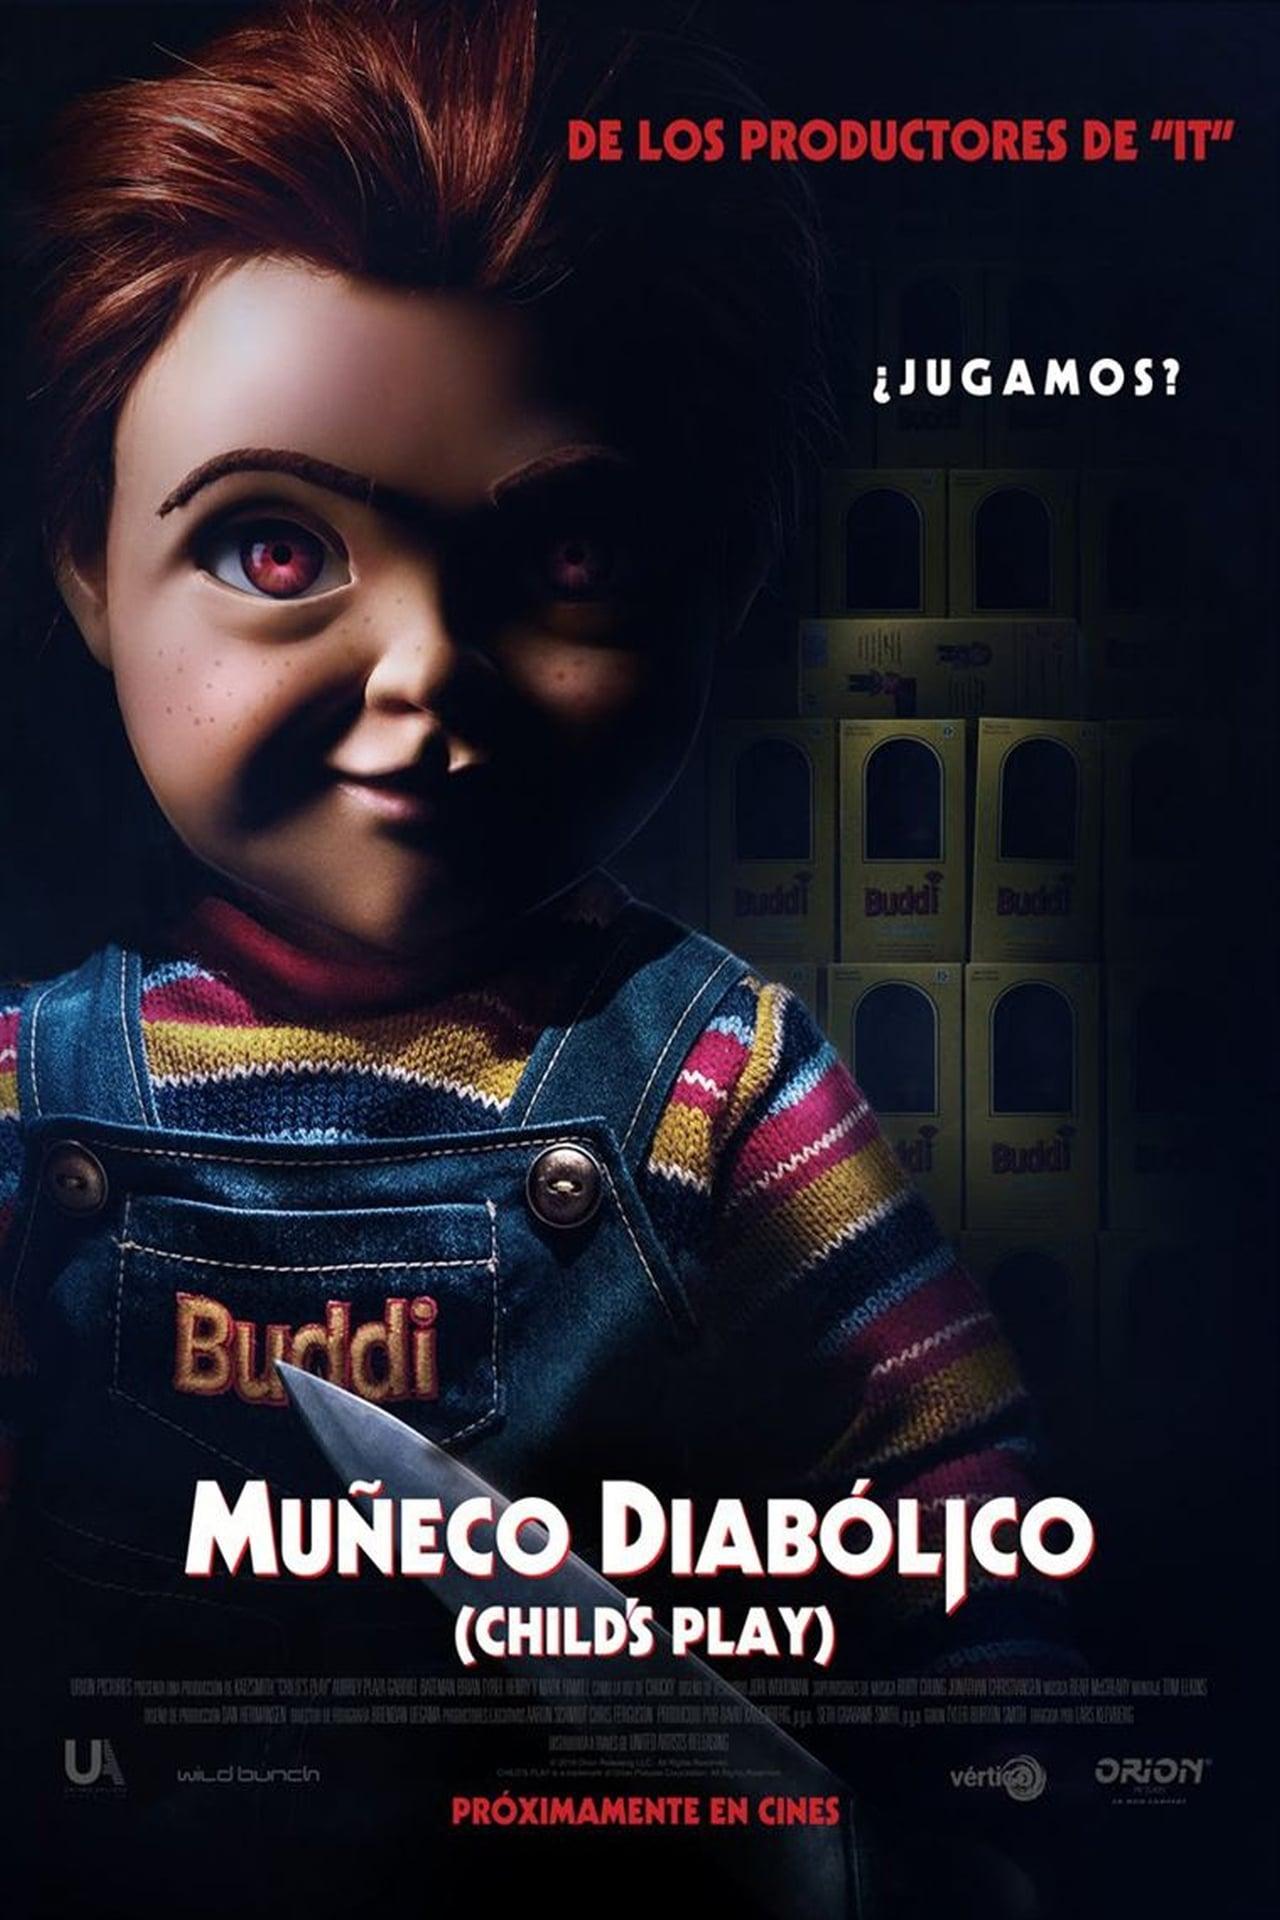 Muñeco Diabólico